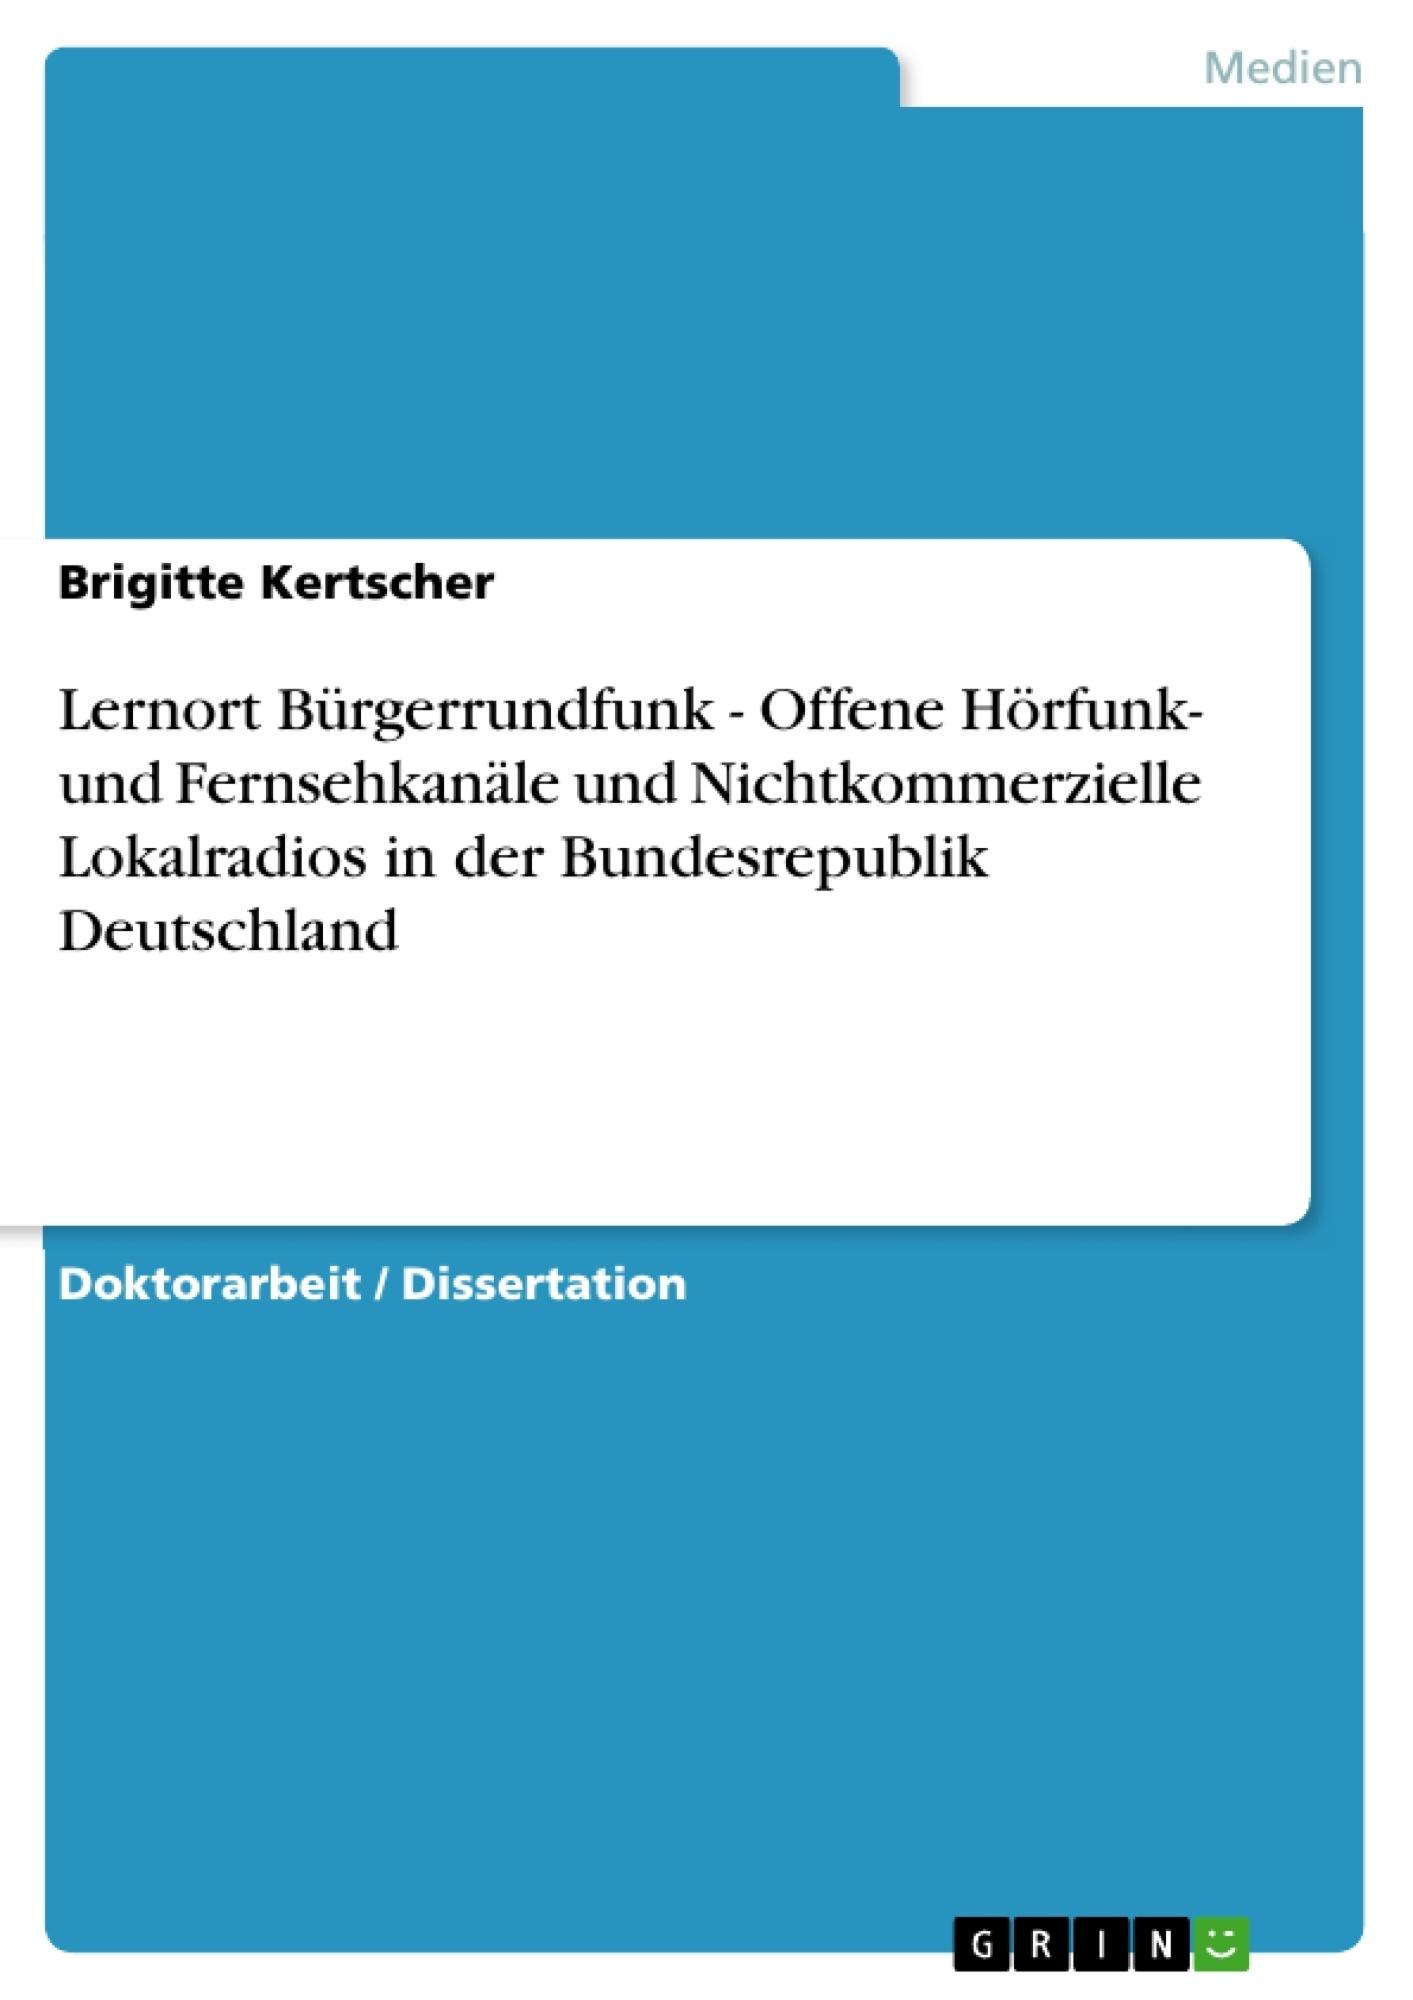 Titel: Lernort Bürgerrundfunk - Offene Hörfunk- und Fernsehkanäle und Nichtkommerzielle Lokalradios in der Bundesrepublik Deutschland